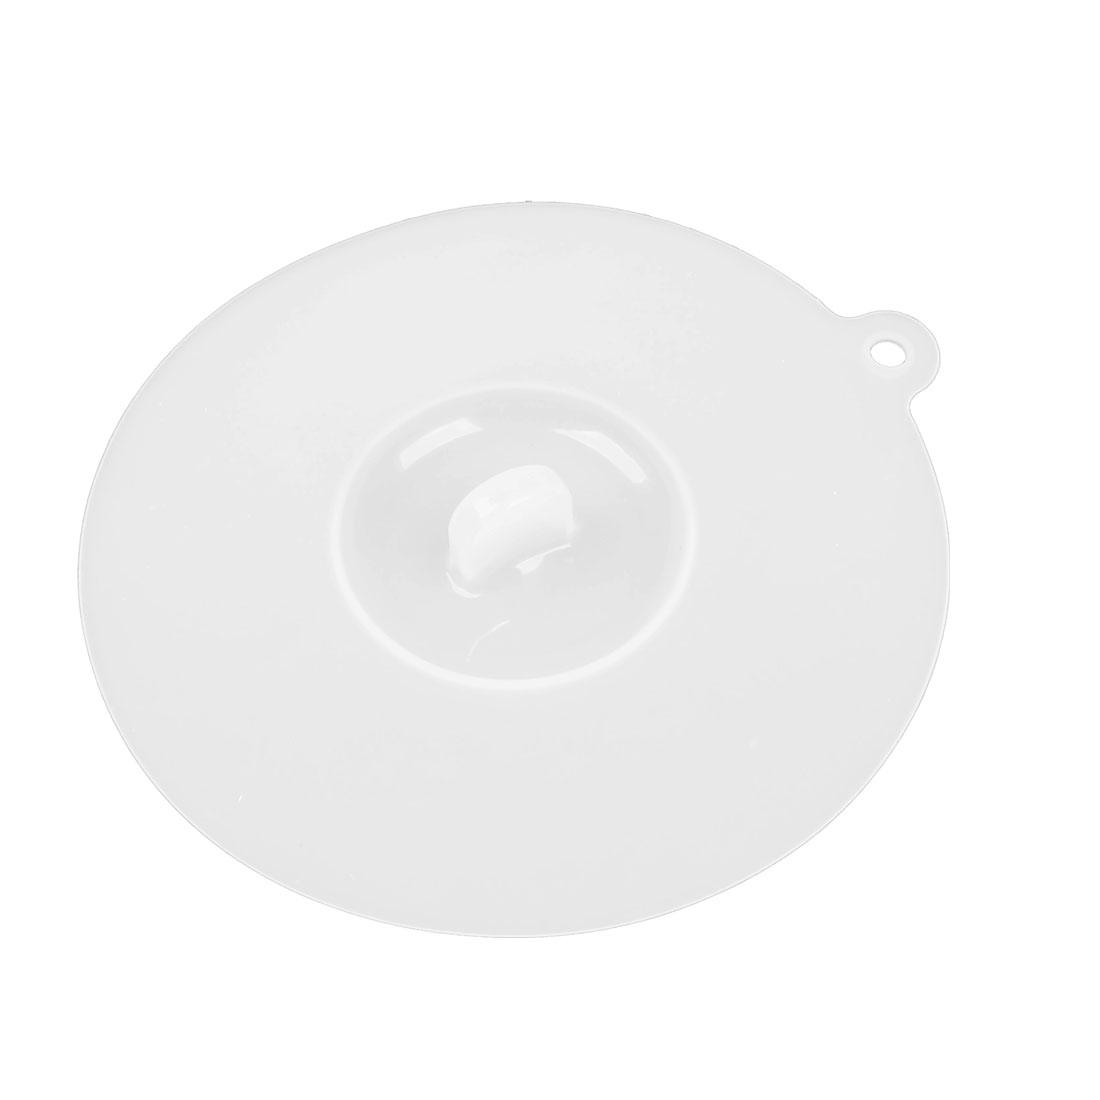 """12cm 4.7"""" Diameter Clear White Silicone Cup Cover Knob Airtight Cap Lid"""